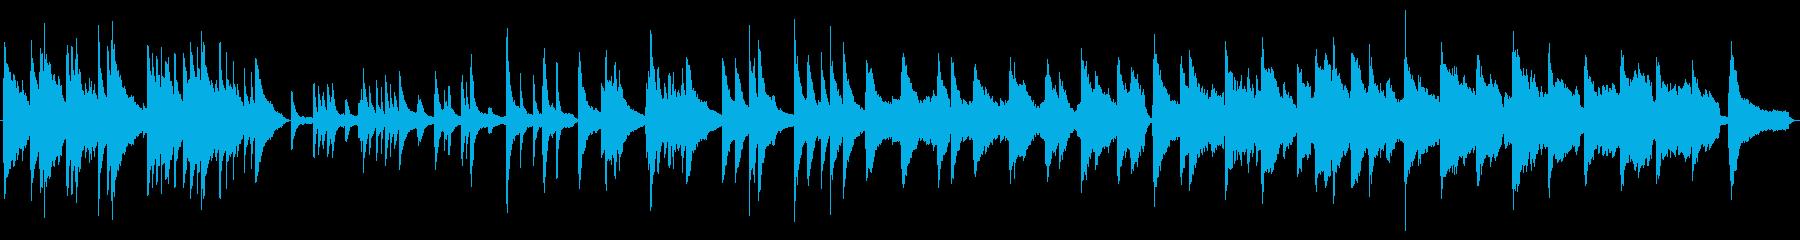 メロディーが印象的でほのぼのとしていますの再生済みの波形